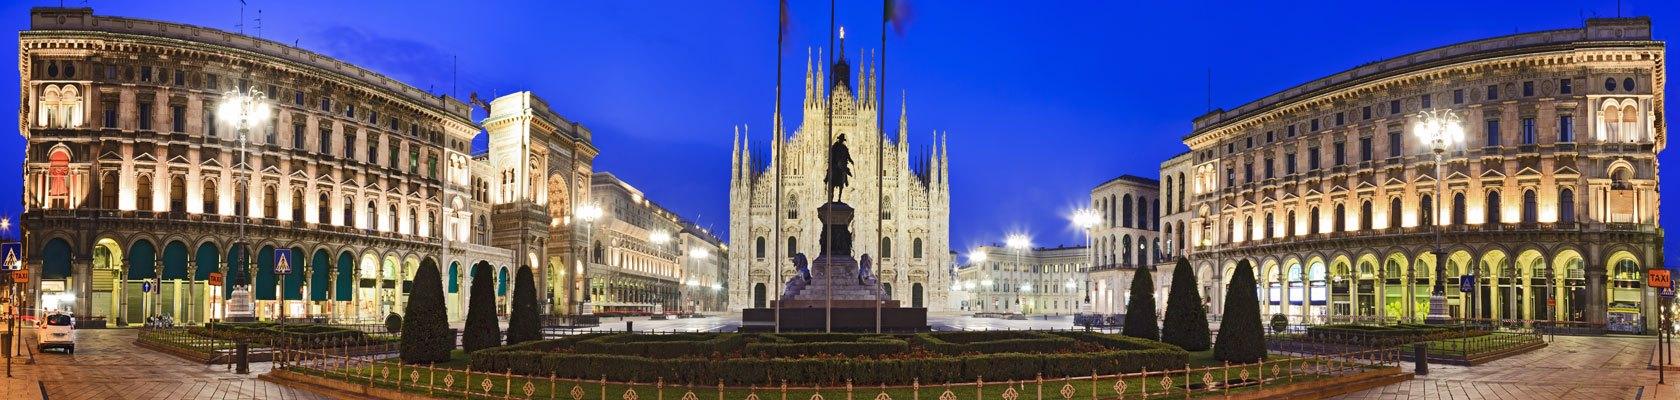 Экскурсия в Милане, прогулка по центру города